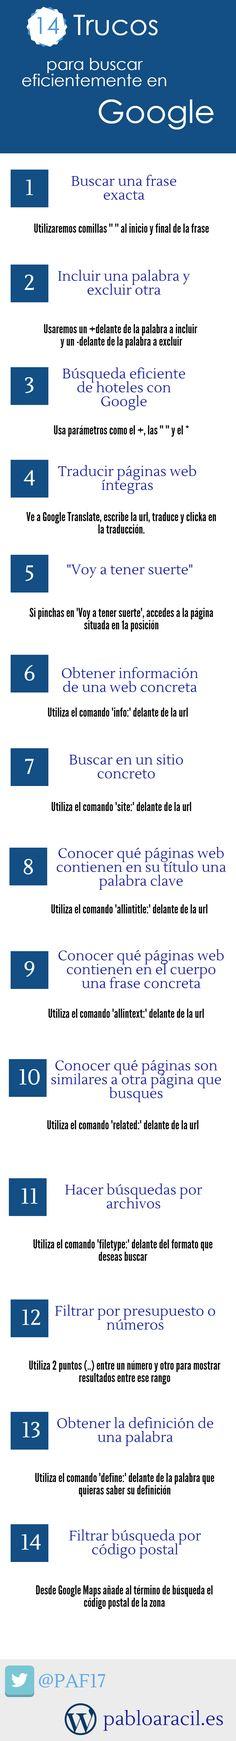 Hola: Una infografía con 14 trucos pra buscar eficientemente en Google. Vía Un saludo